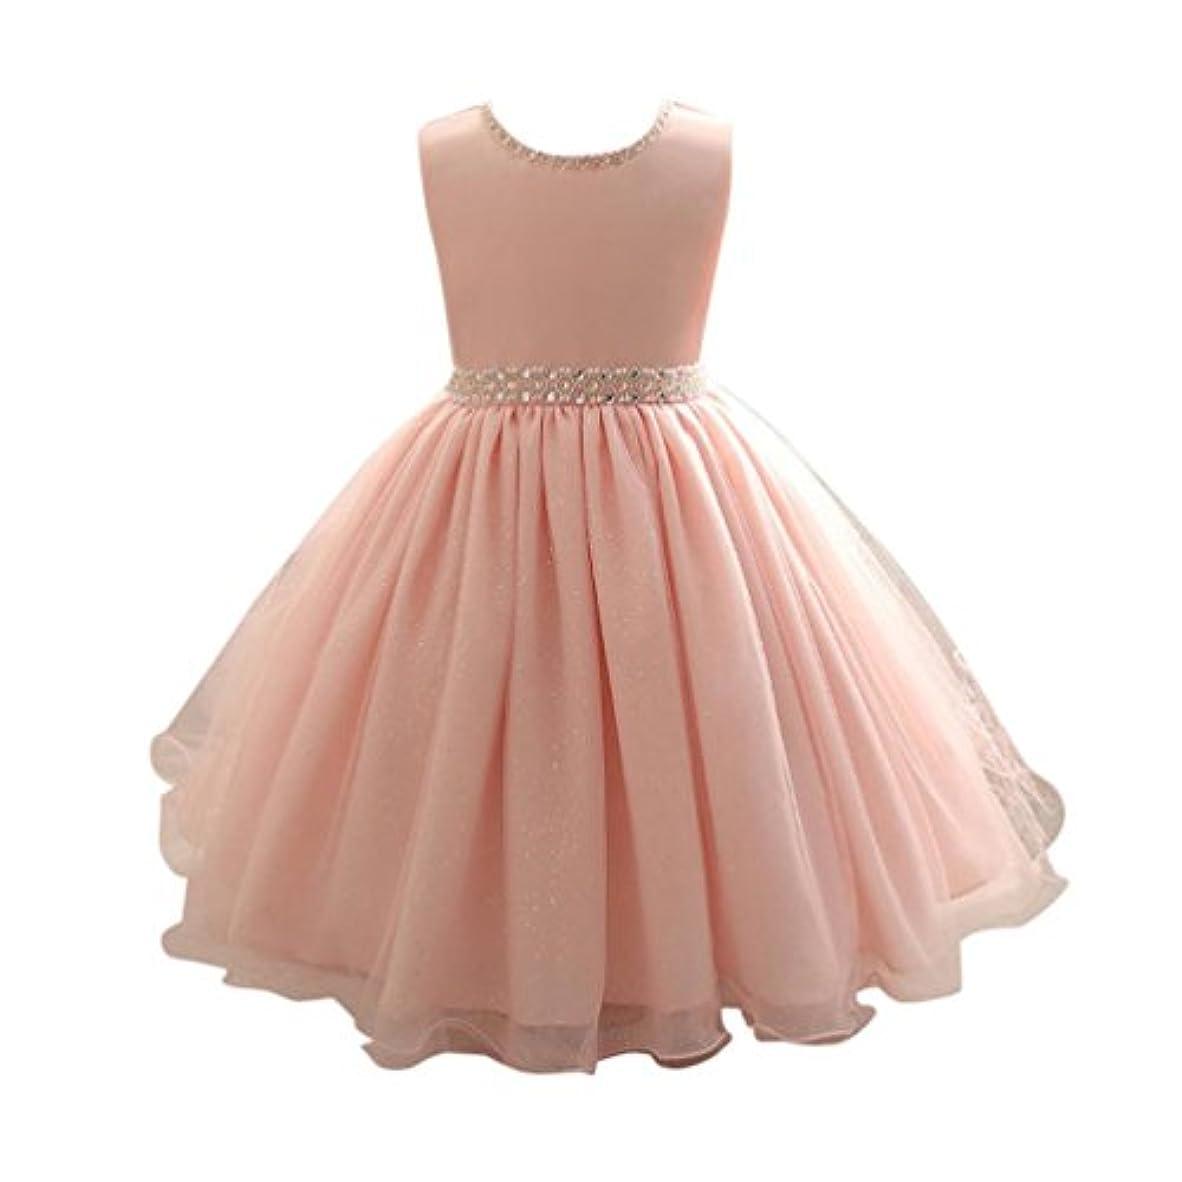 サイズファントム強要Mhomzawa 子供ドレス 女の子 発表会 子どもドレス 結婚式 お呼ばれ キッズ プリンセス こどもフラワーガール 花柄 子ども服